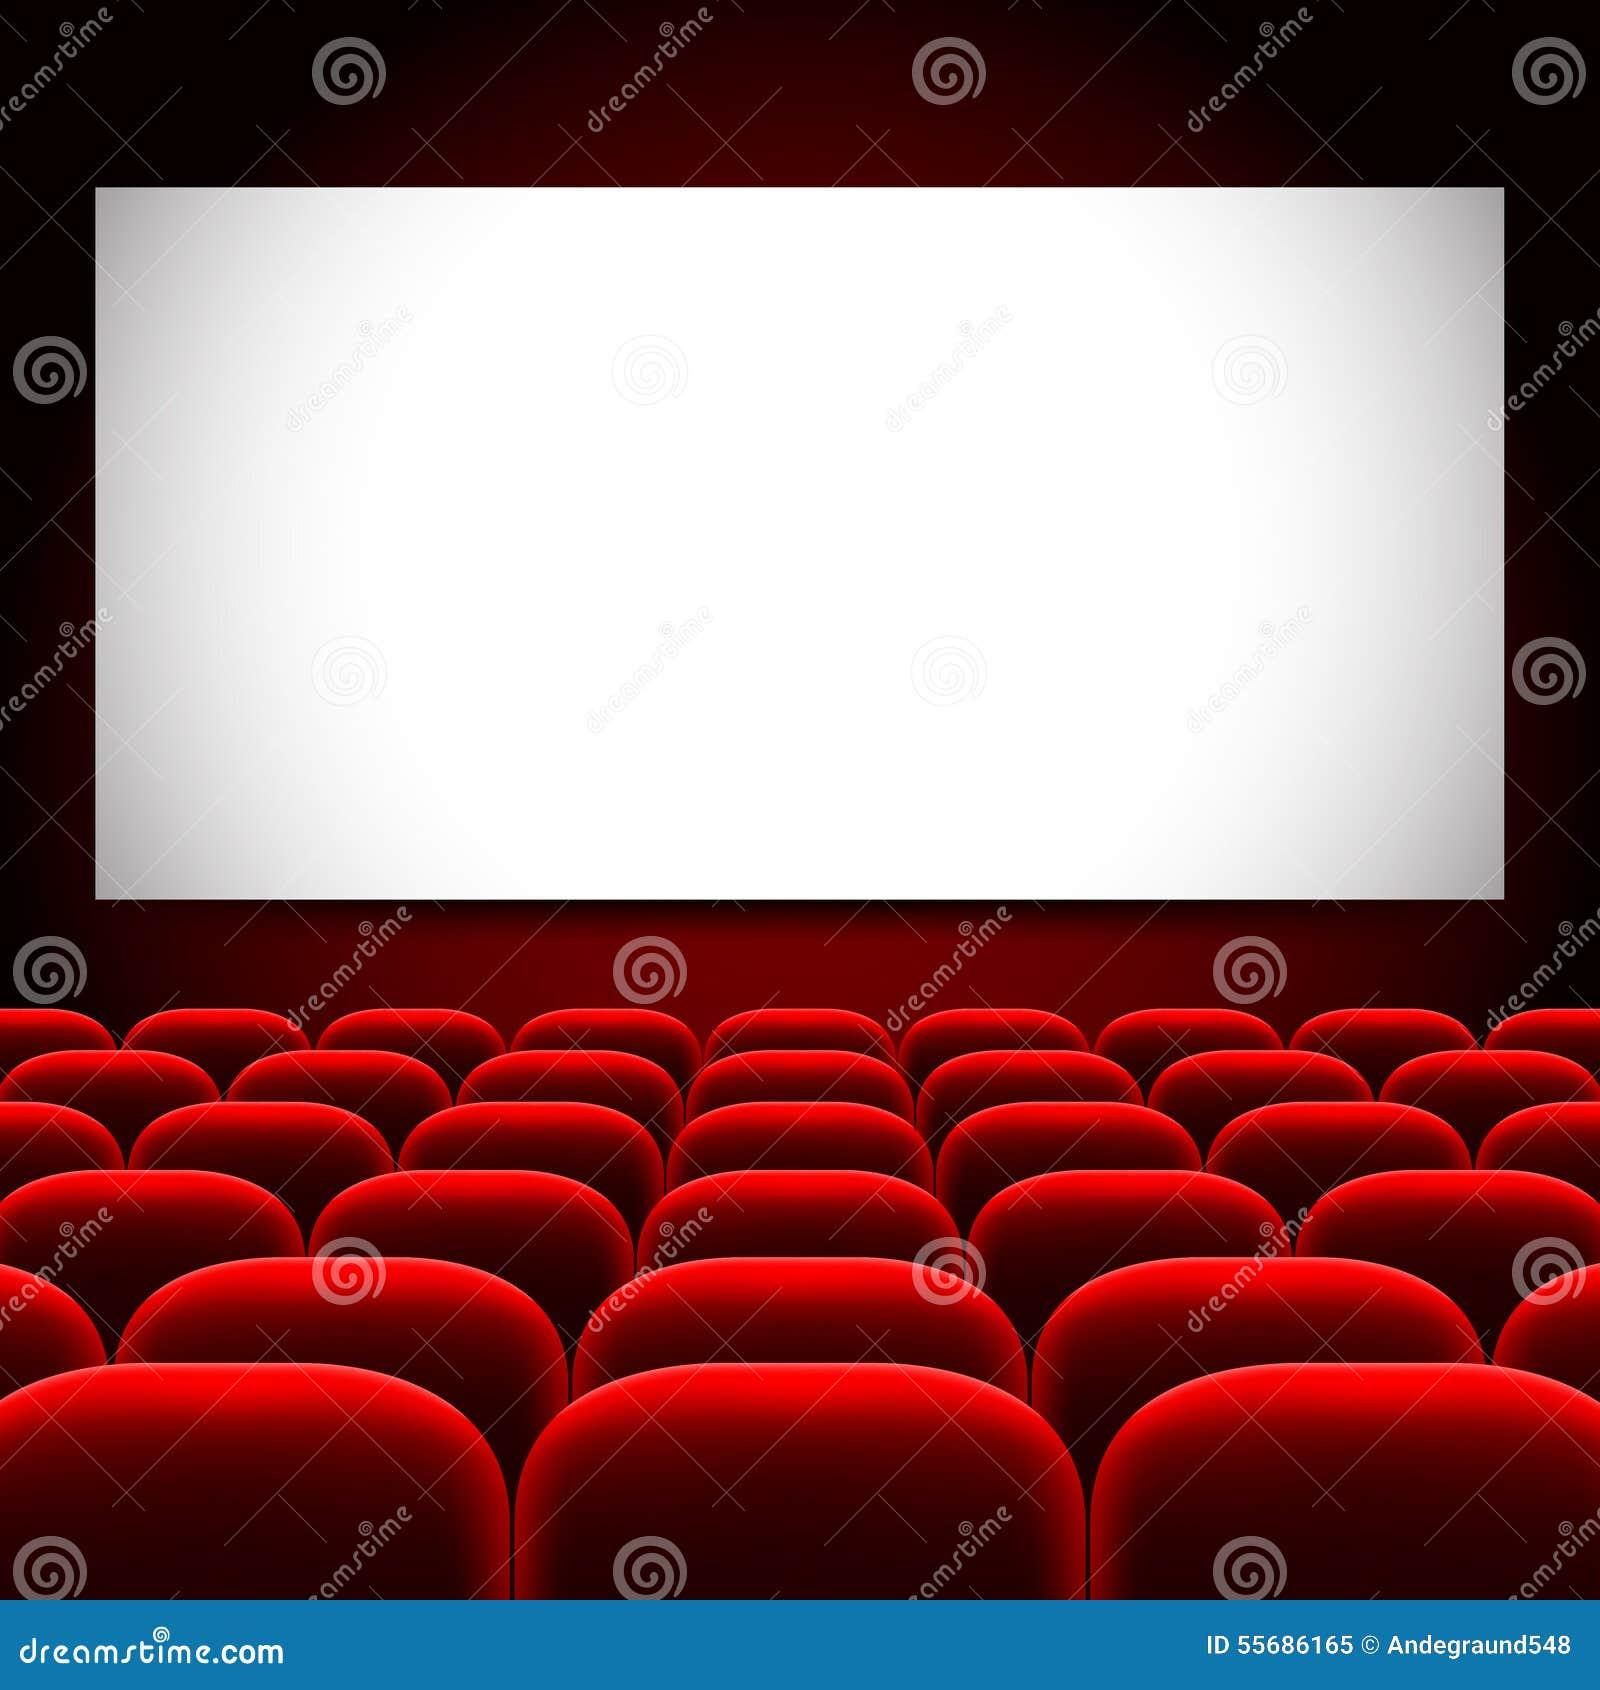 tela do cinema e fundo vermelho do vetor dos assentos ilustra o do vetor ilustra o de. Black Bedroom Furniture Sets. Home Design Ideas